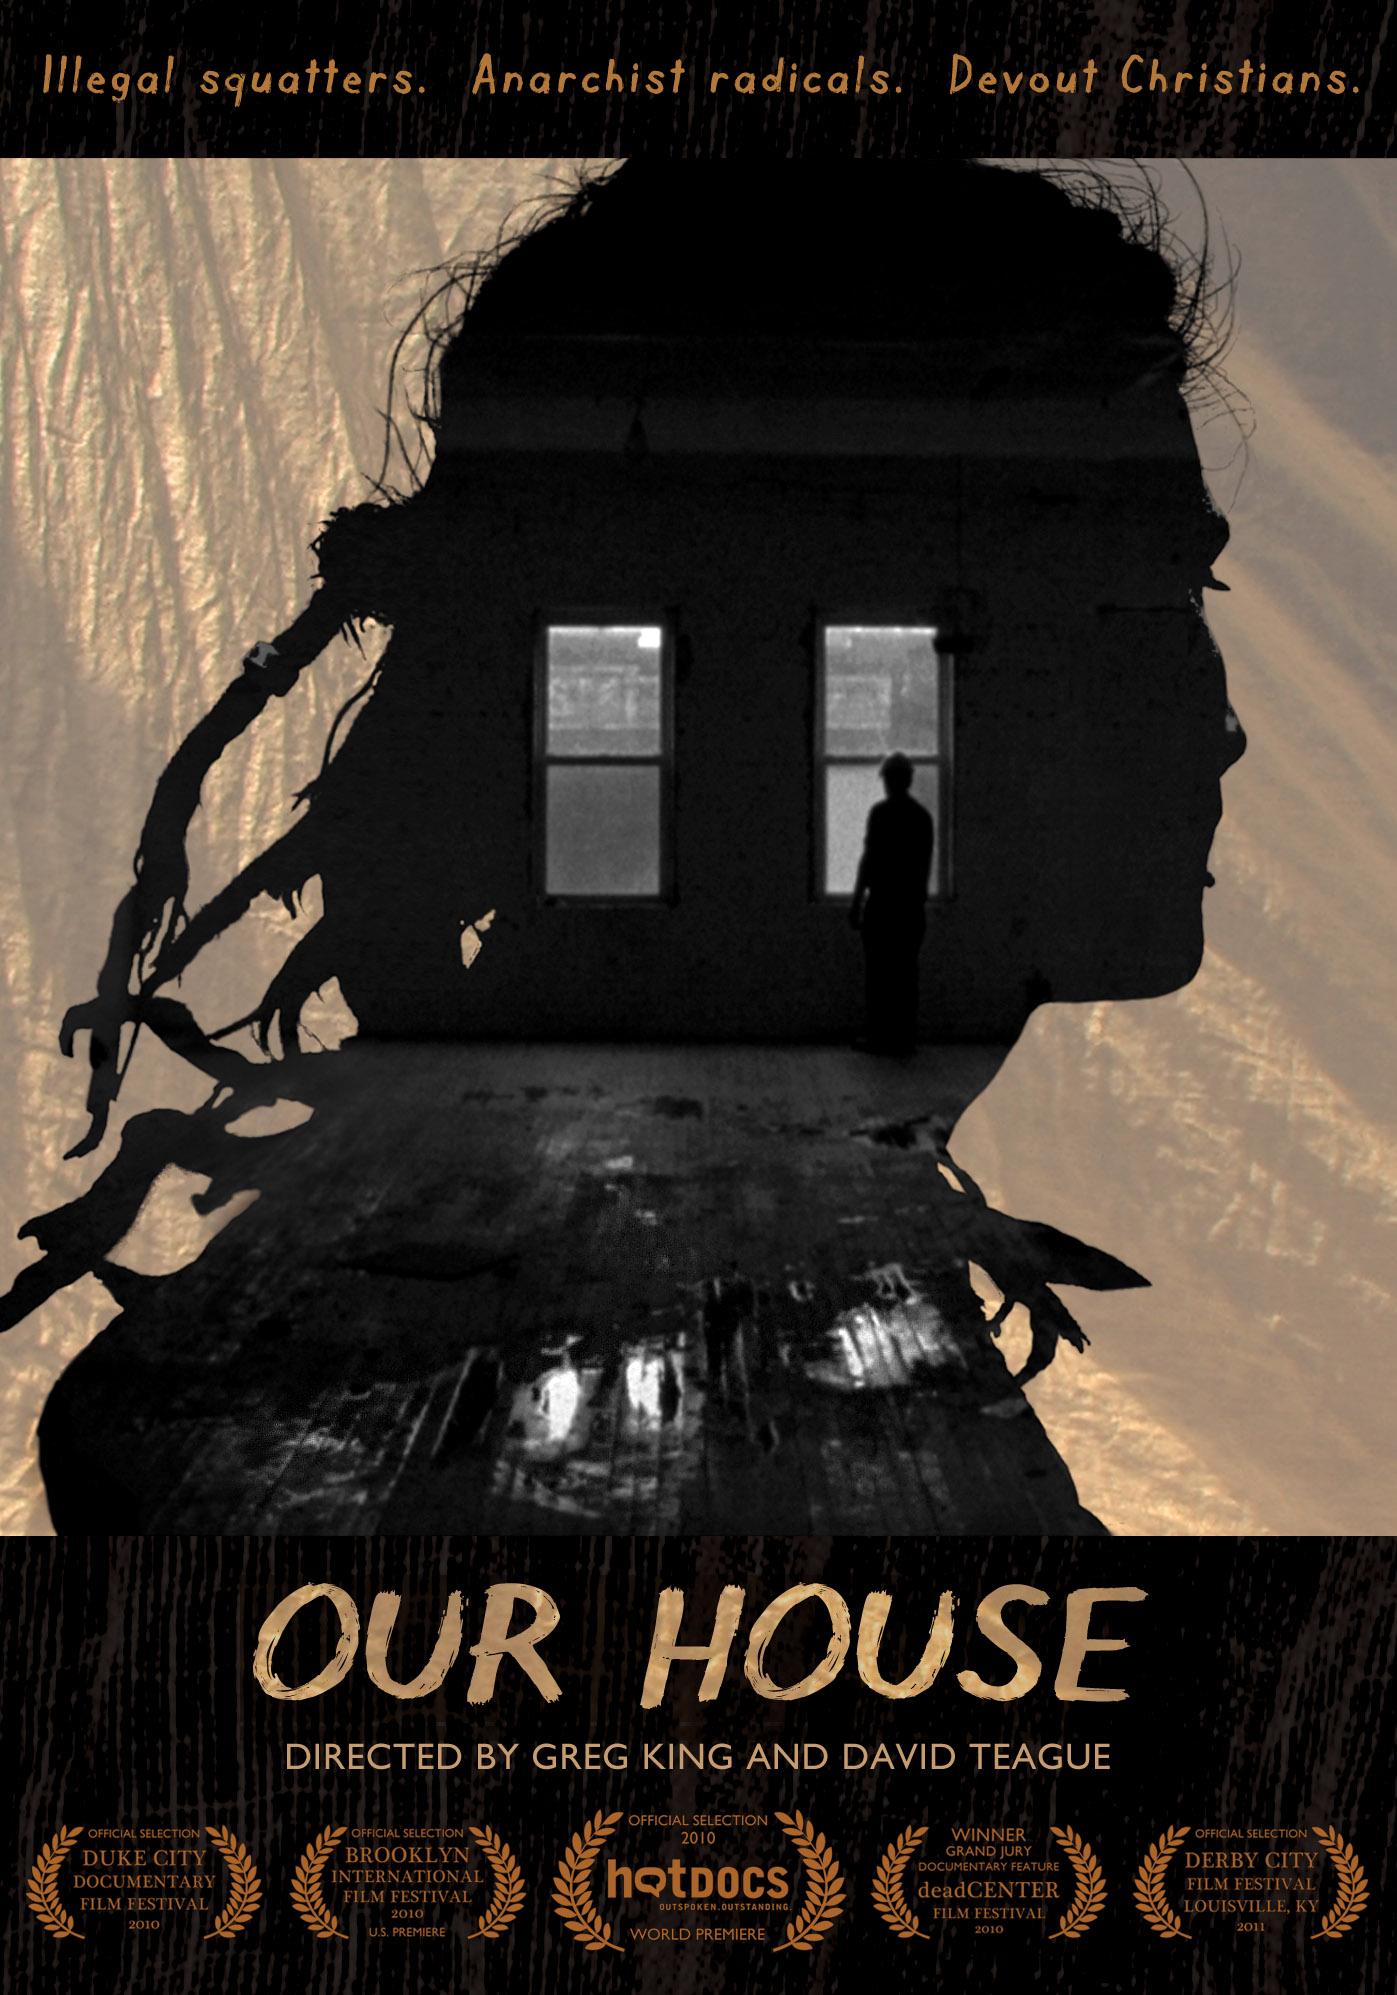 Our House Documentary